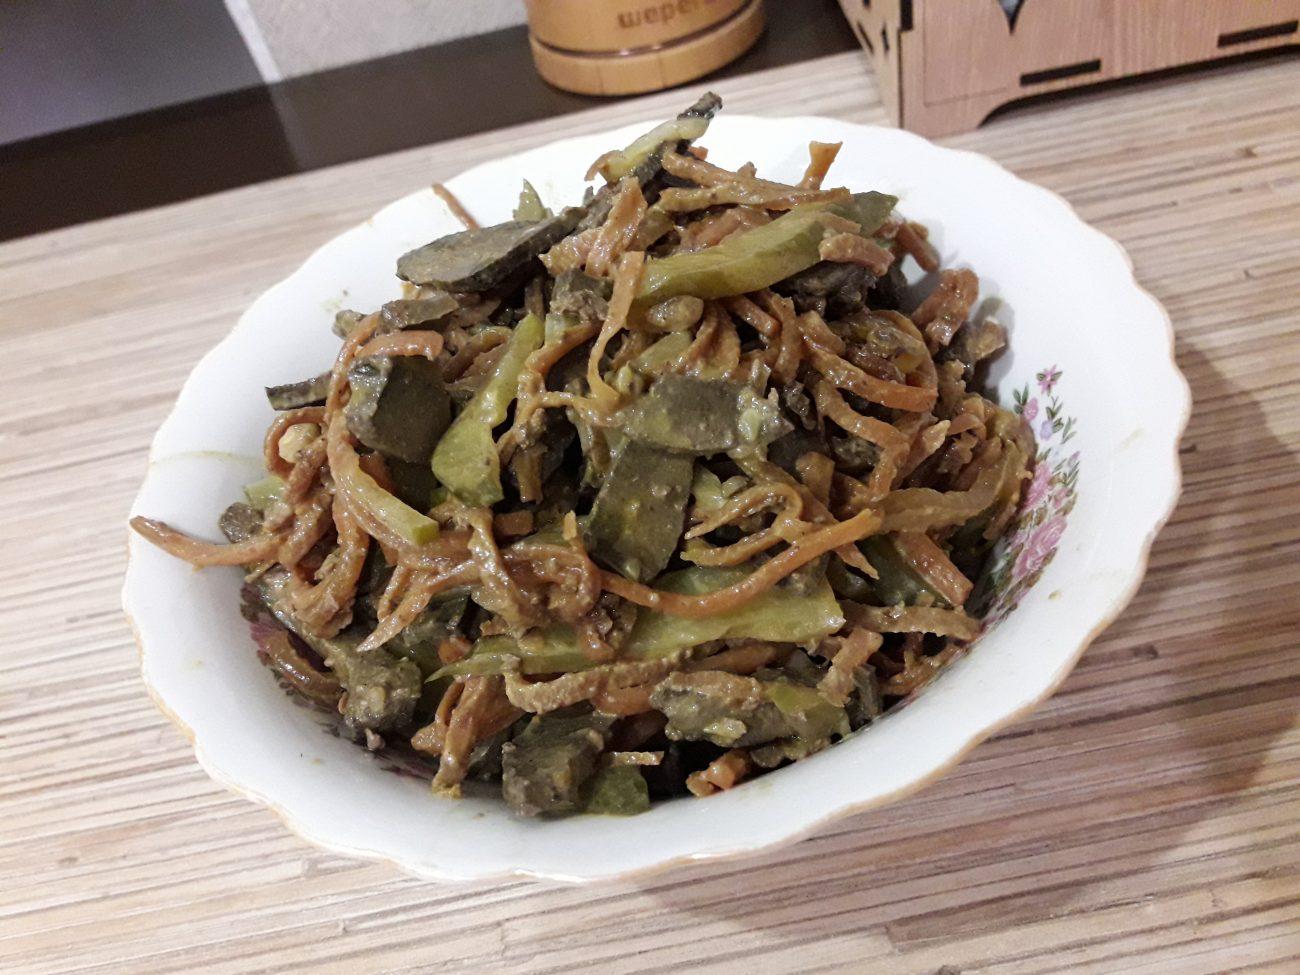 Салат с печенью и солеными огурцами - рецепт пошаговый с фото